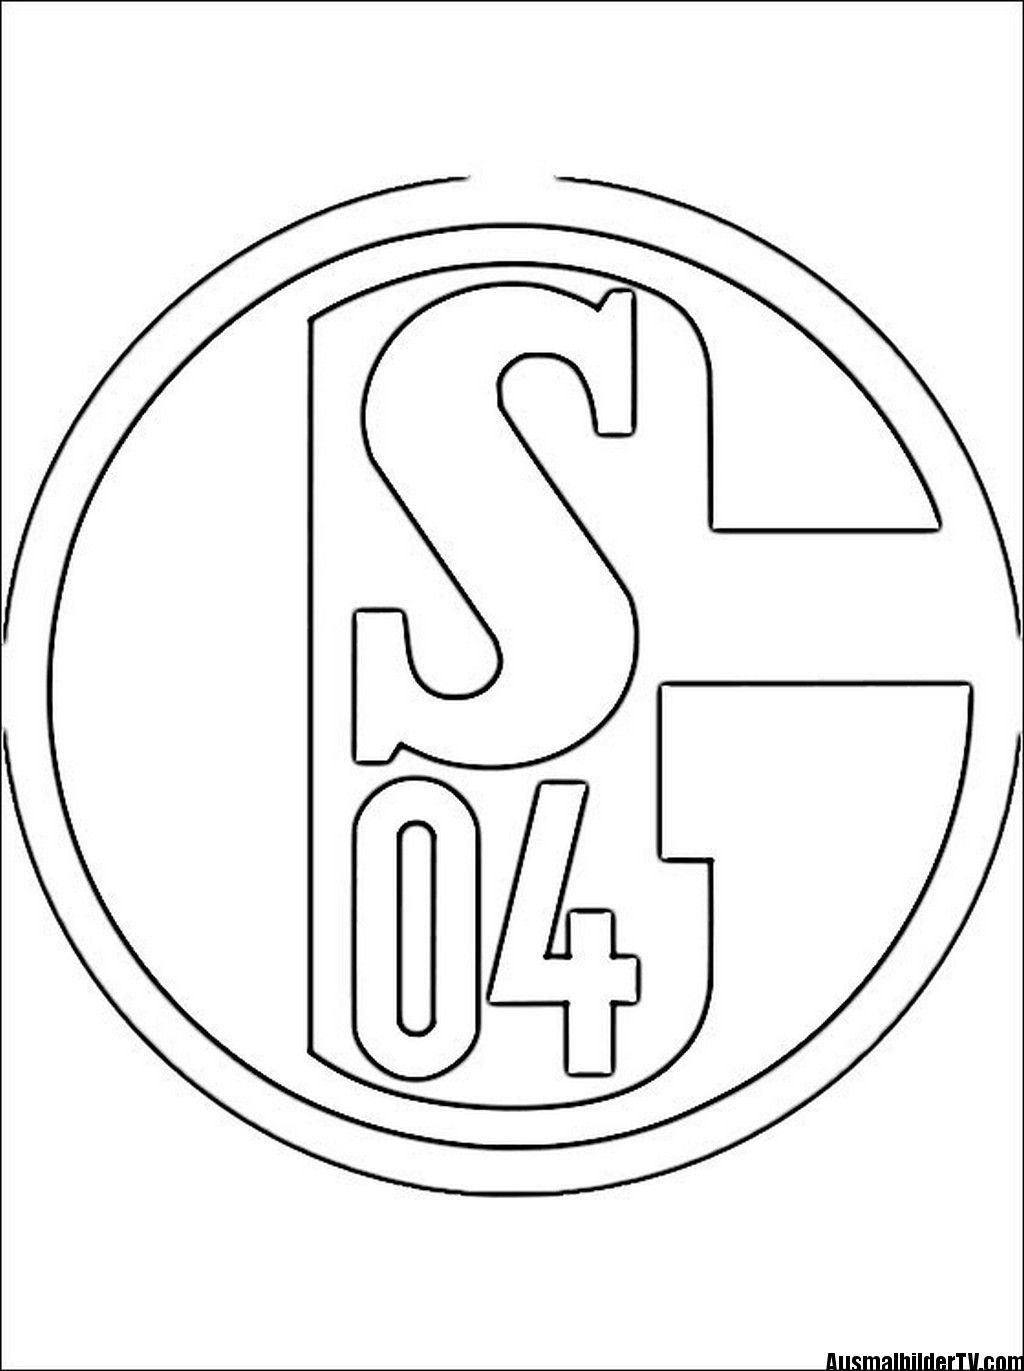 Fußball Ausmalbilder Zum Ausdrucken Schalke Ausmalbilder